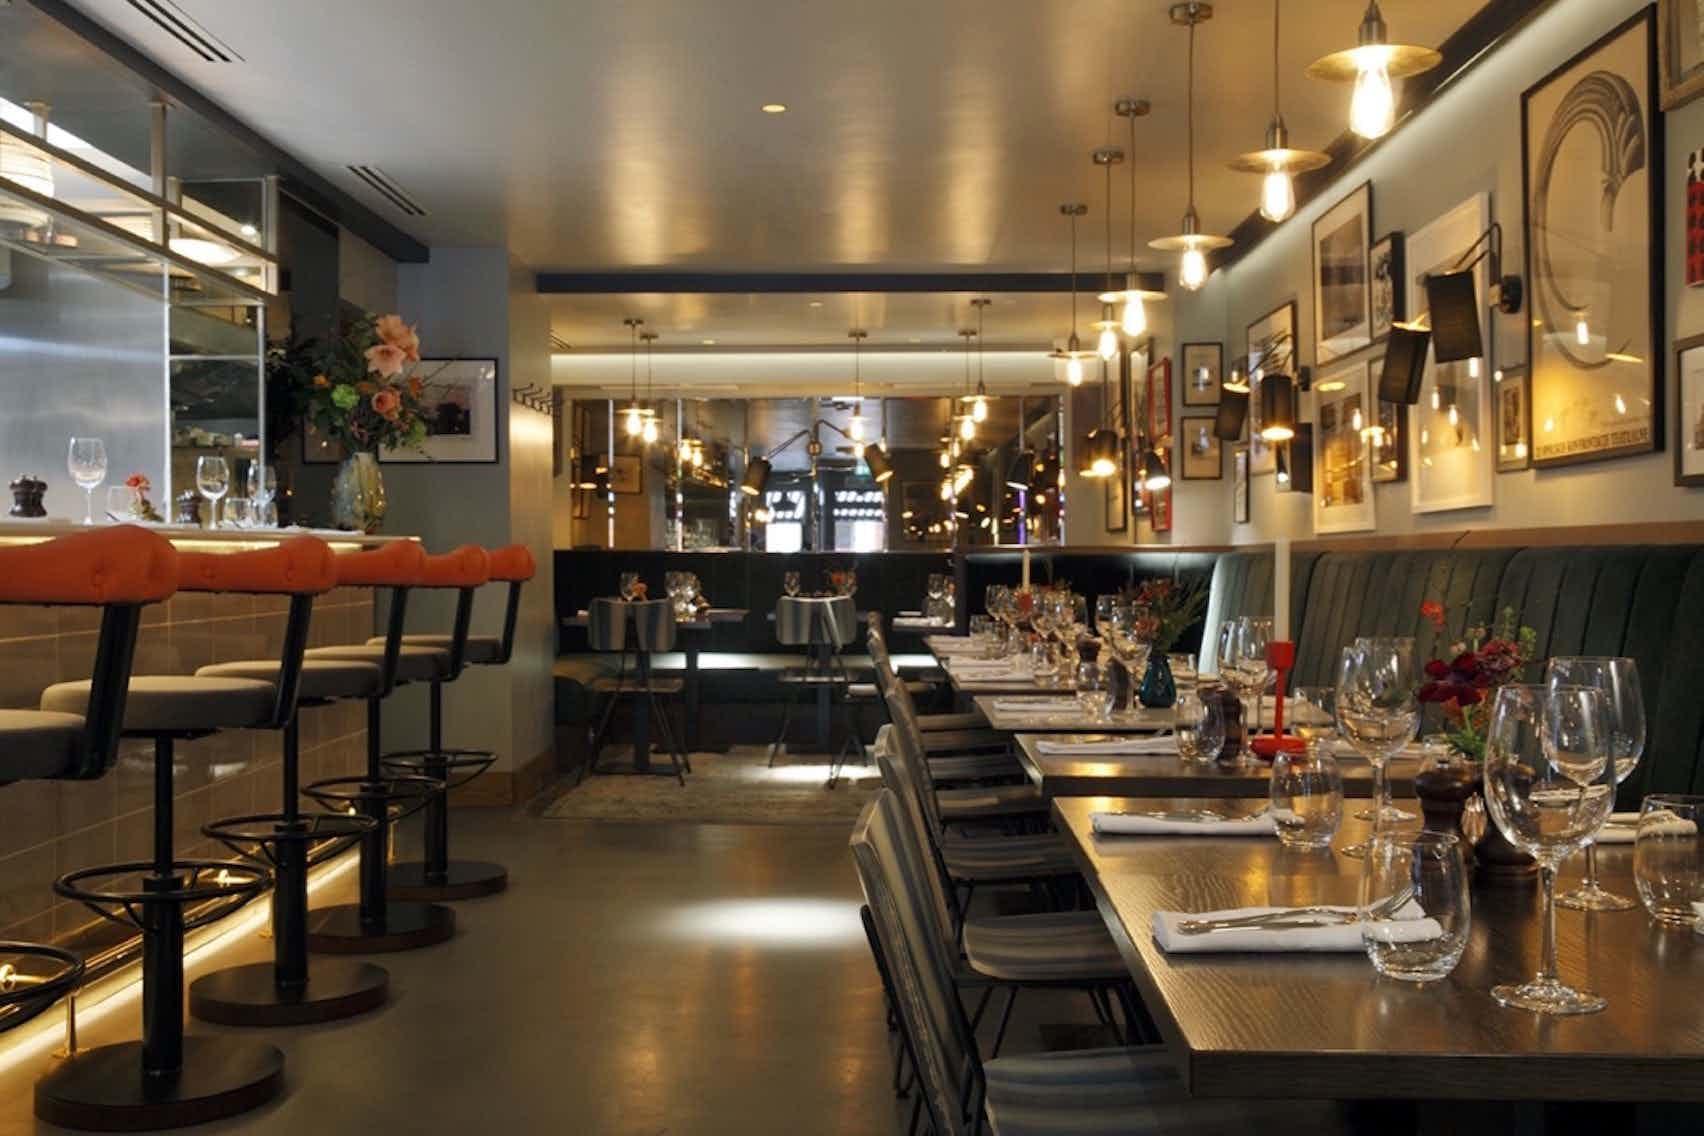 GALLEY RESTAURANT, Galley Restaurant - Islington